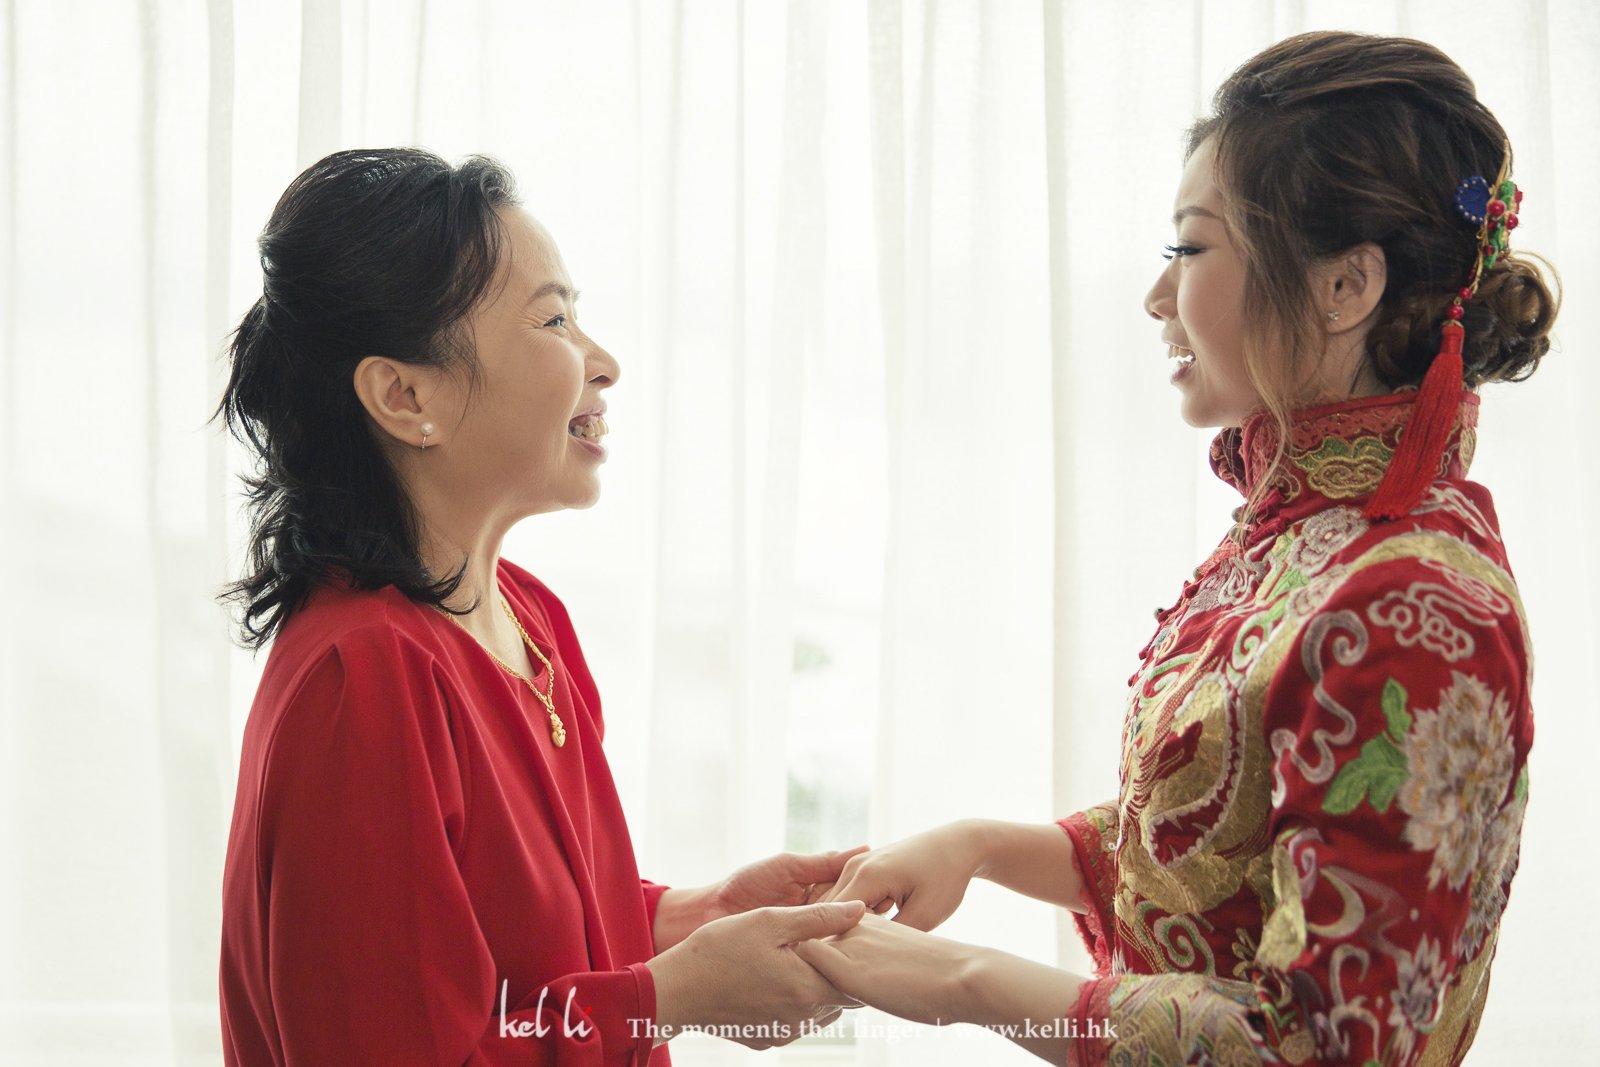 婚禮最感人的一幕就是媽媽對女兒出嫁前的祝福對話